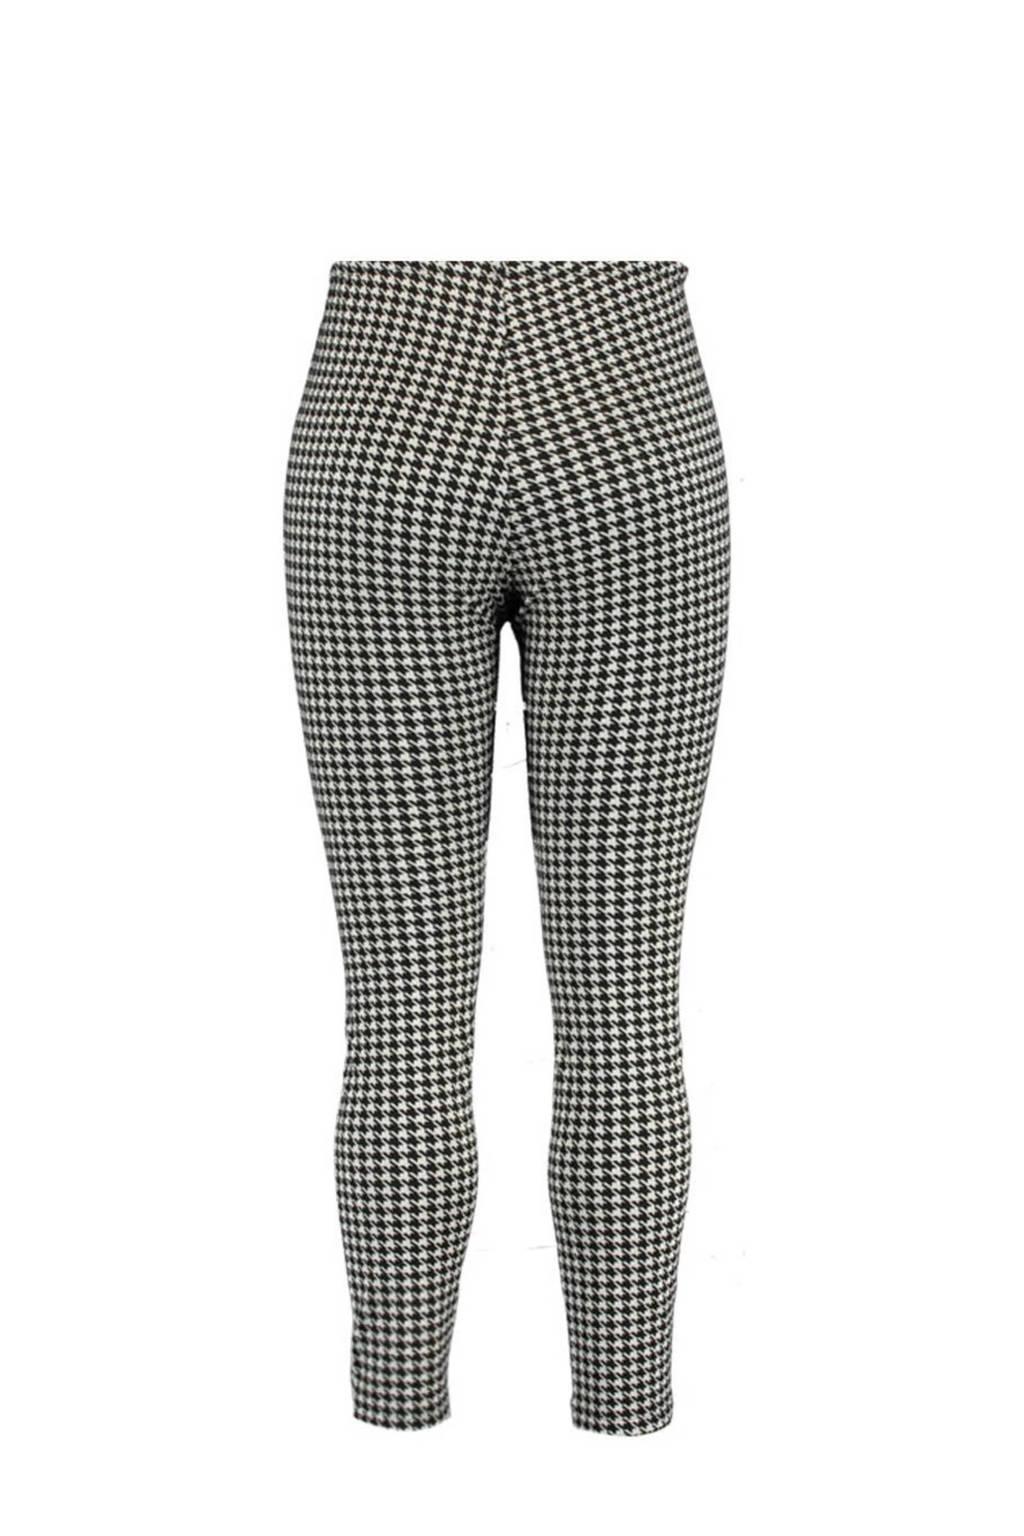 MS Mode legging met pied-de-poule wit/zwart, Wit/zwart